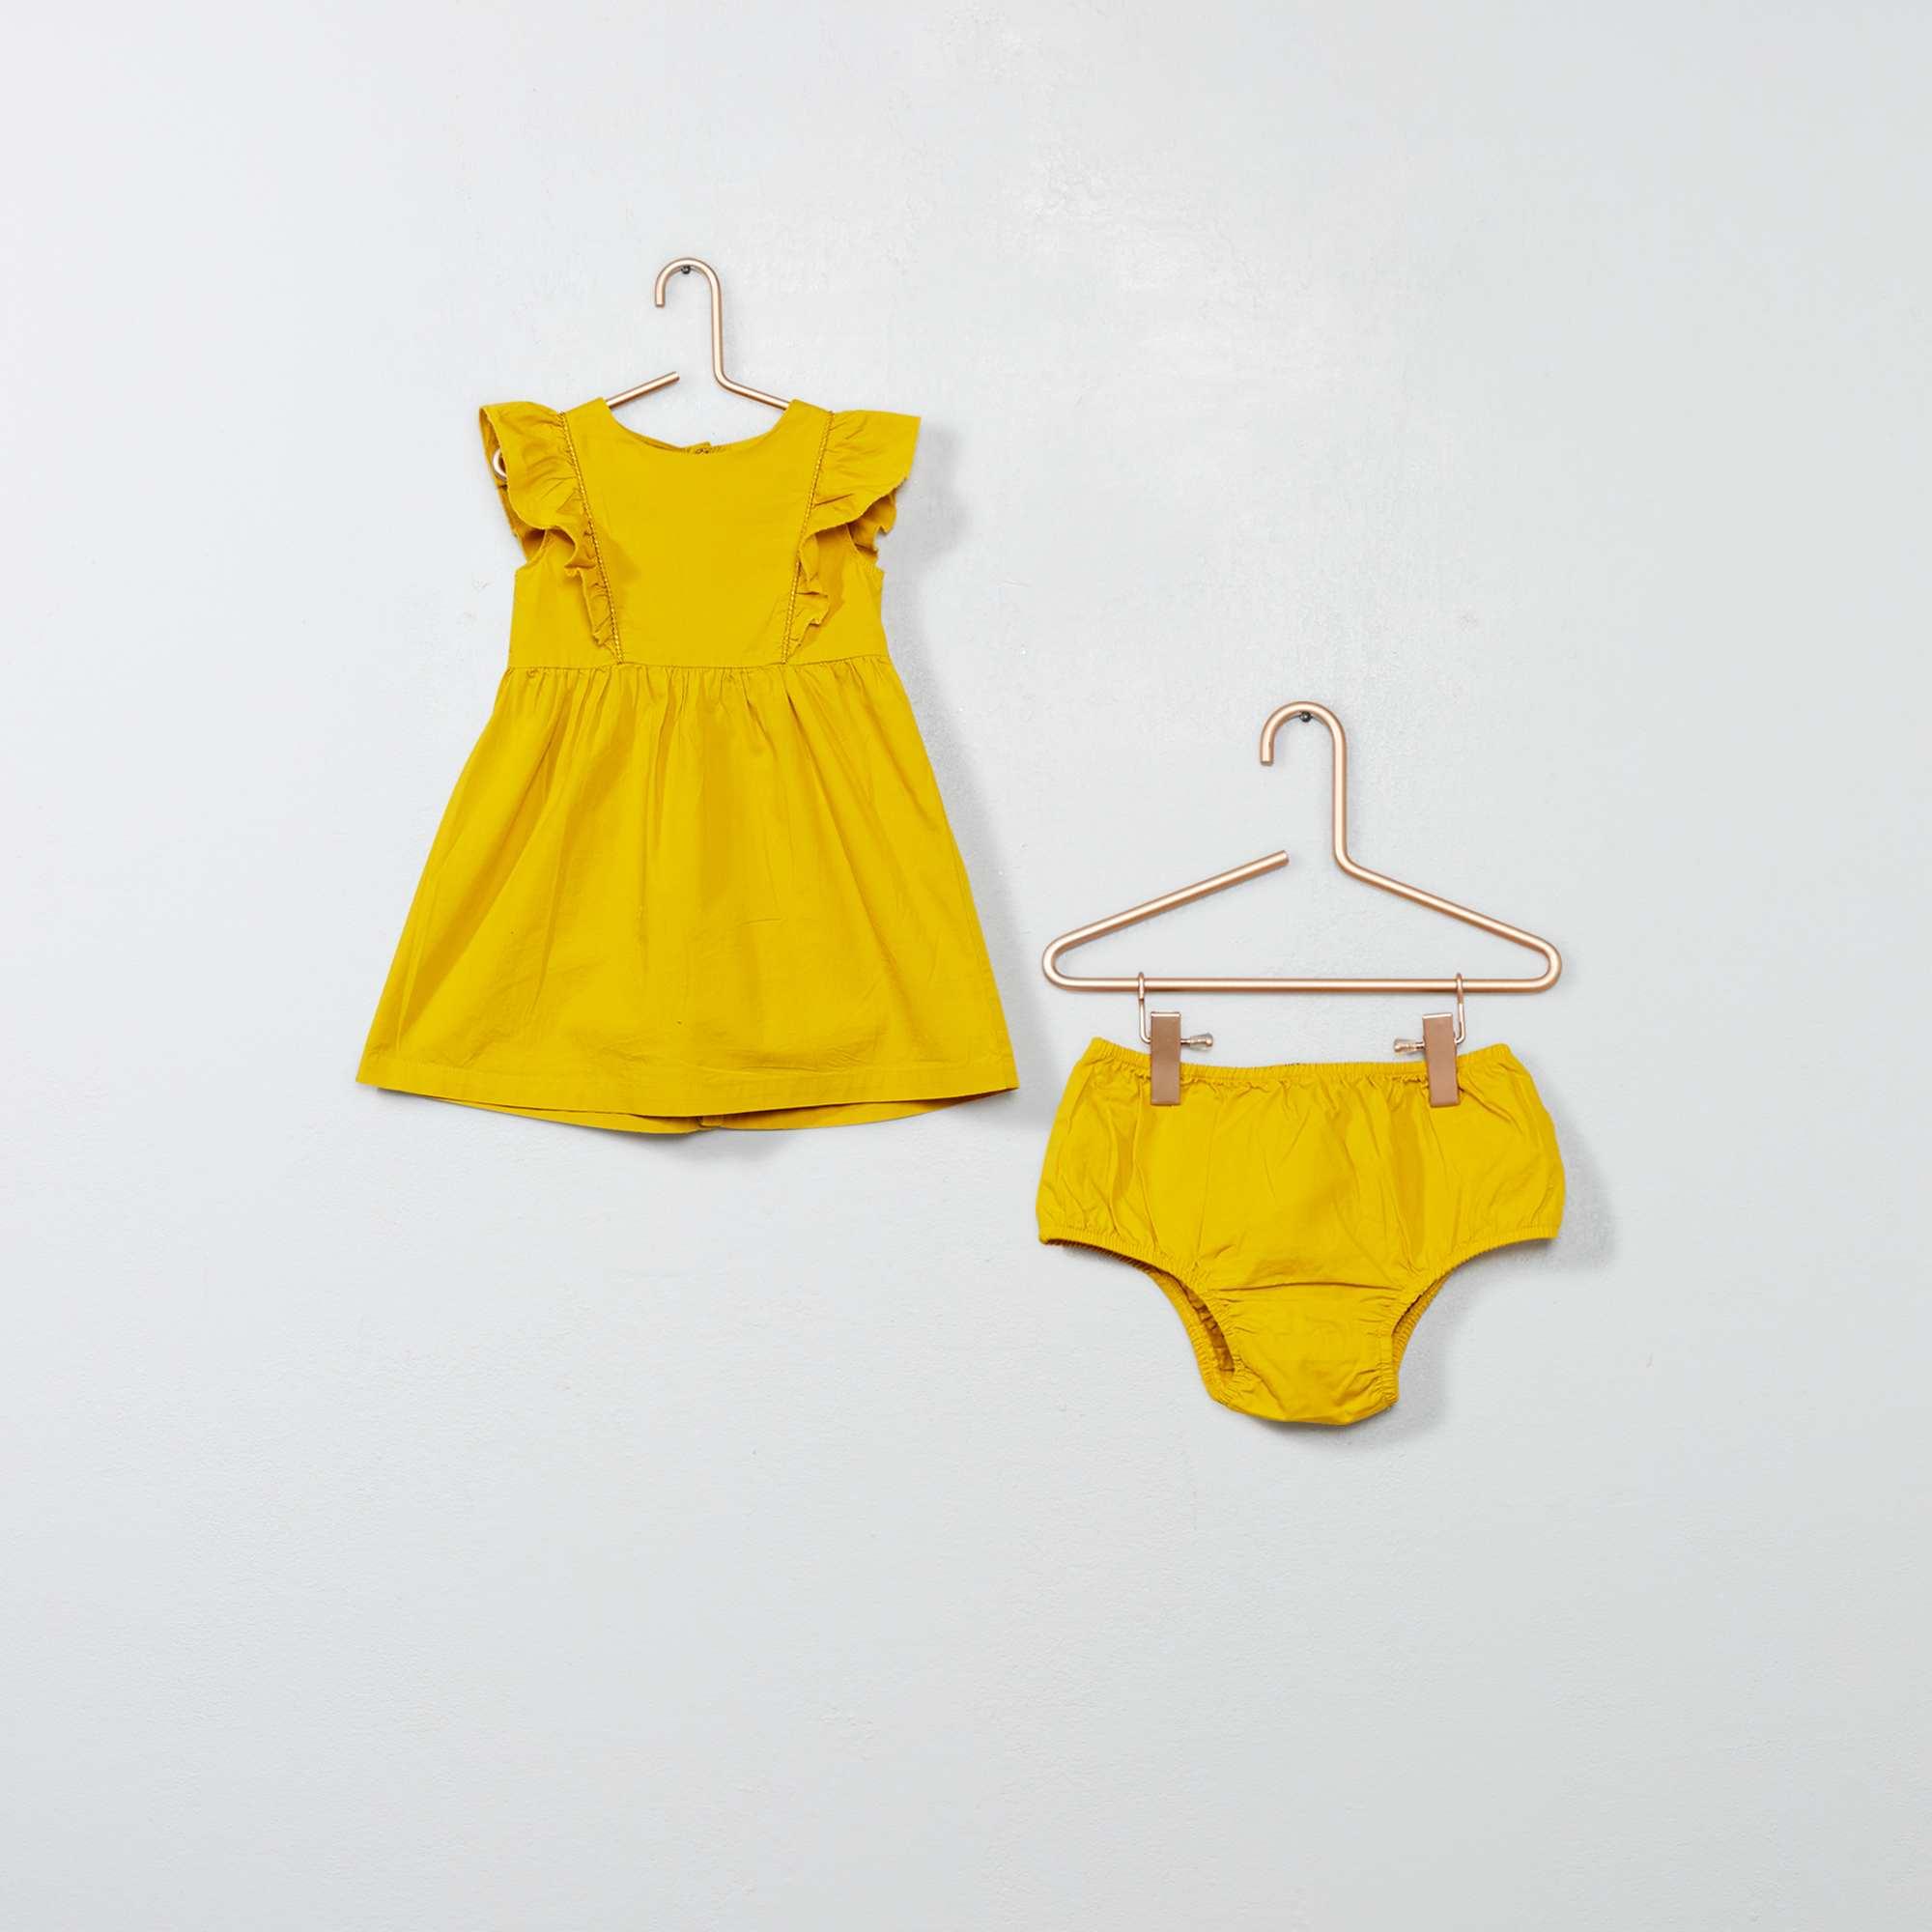 d66b699f7 Vestido con volantes y braguita amarillo curry Bebé niña. Loading zoom